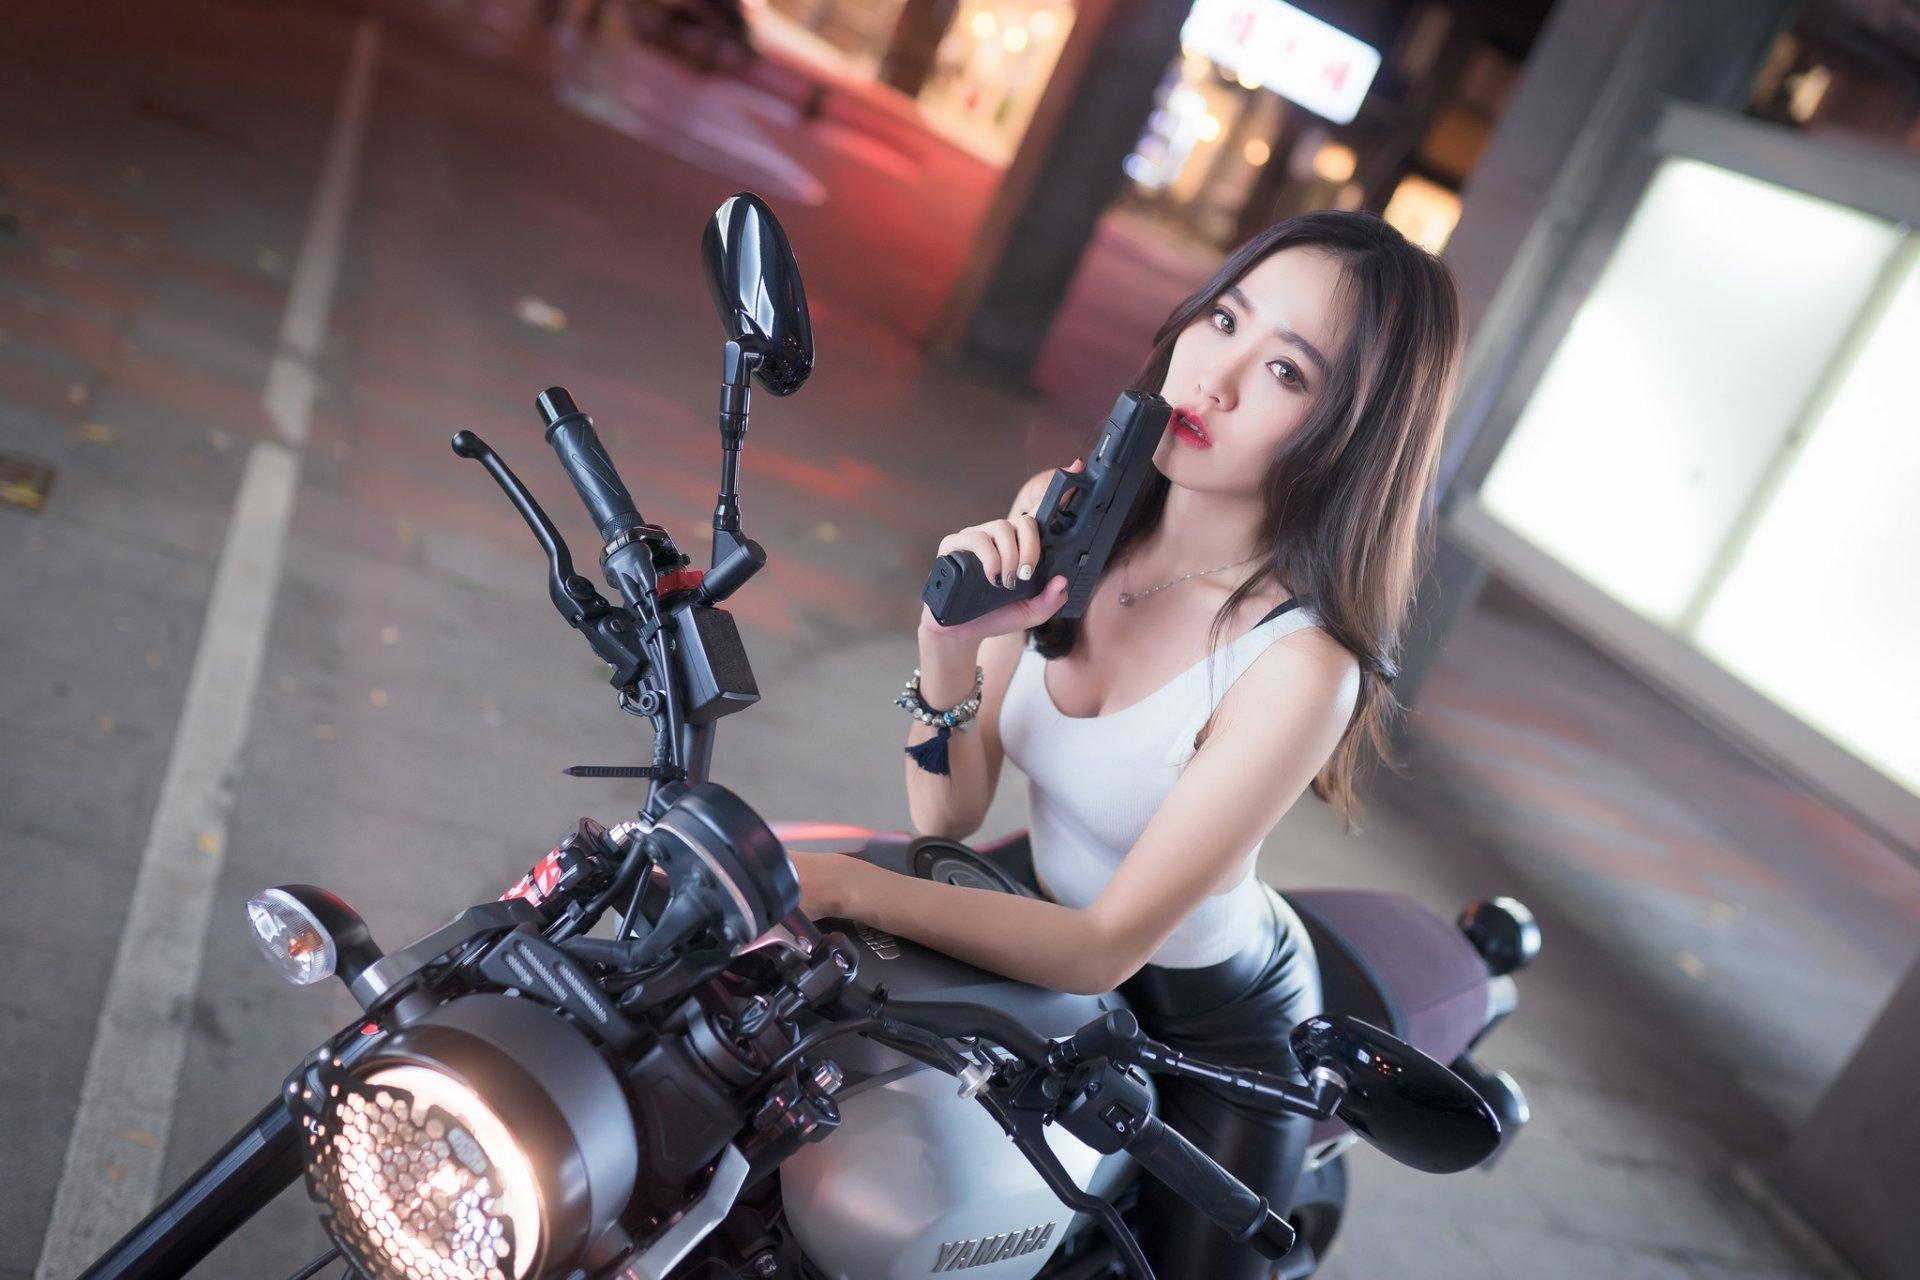 Harley Davidson Motorcycle 4k Ultra HD Wallpaper and